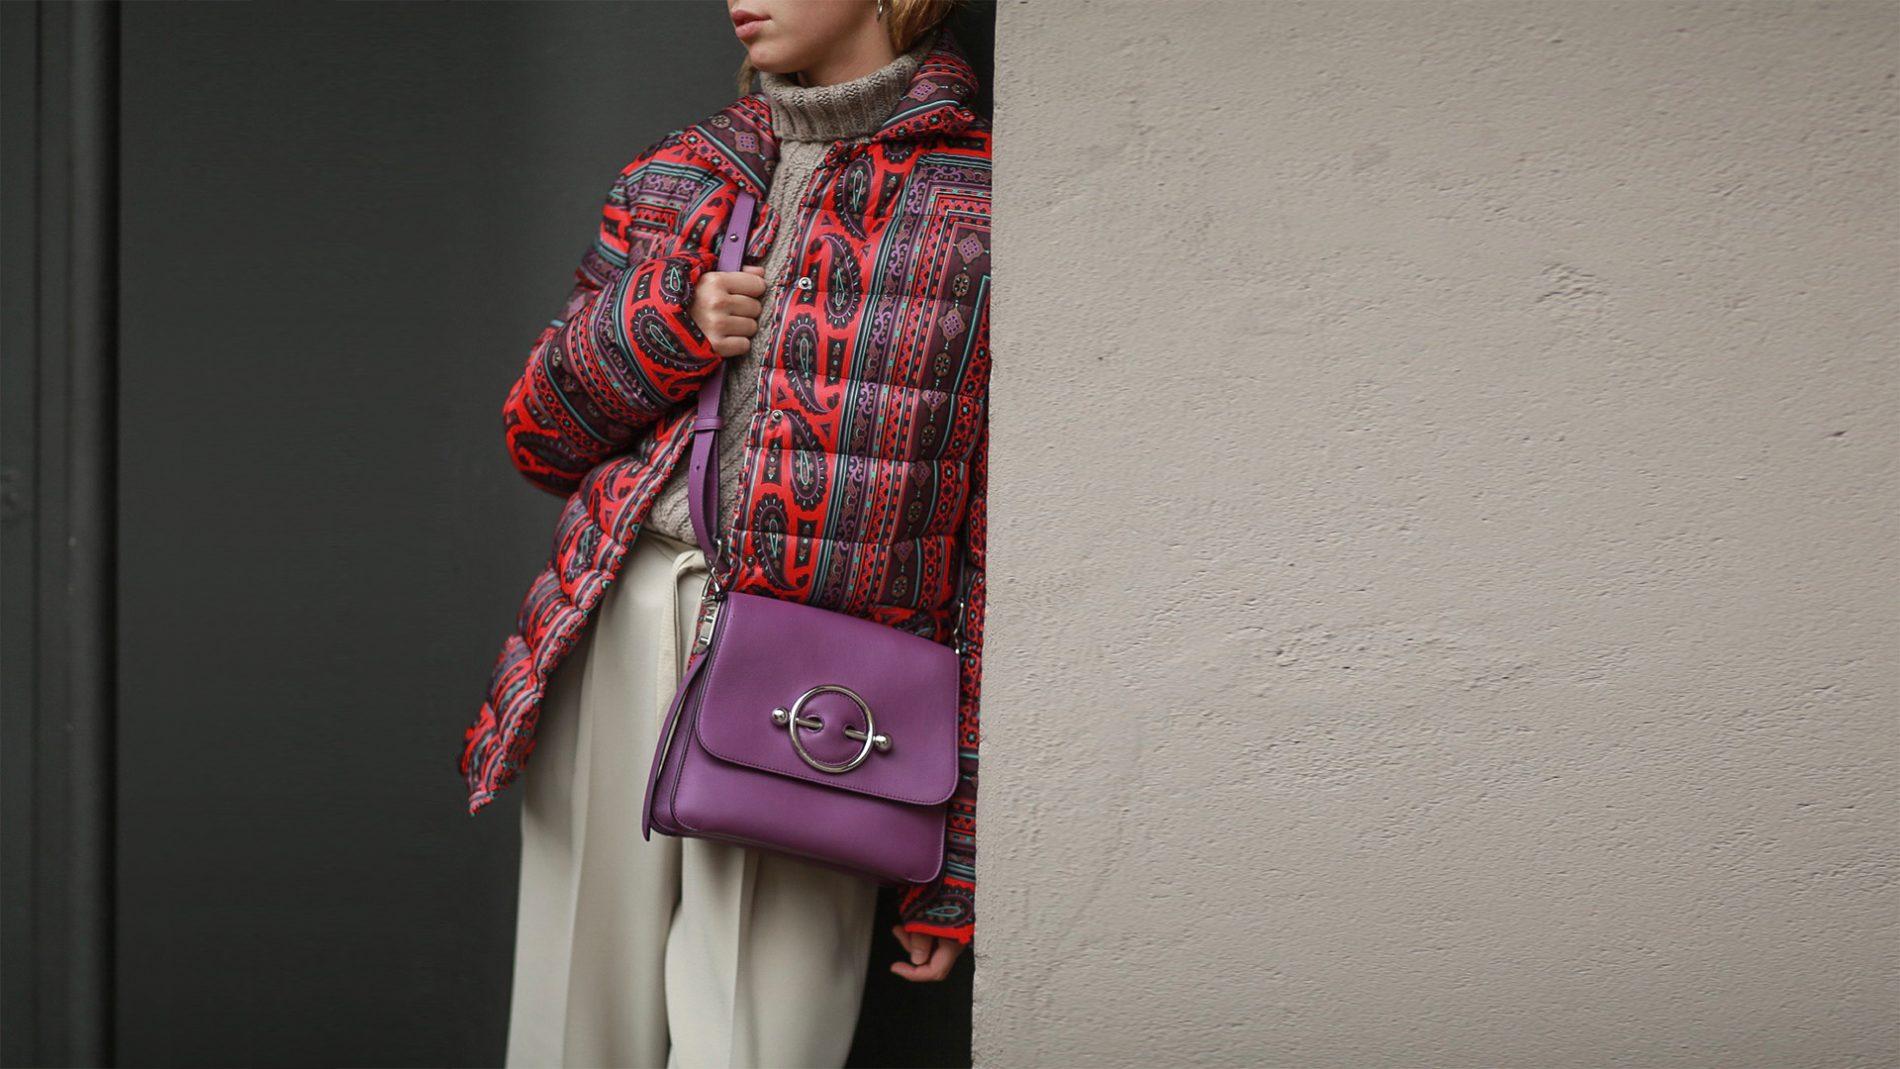 英格列斯成衣,设计师品牌包袋,Etro,Victoria Beckham,JW Anderson